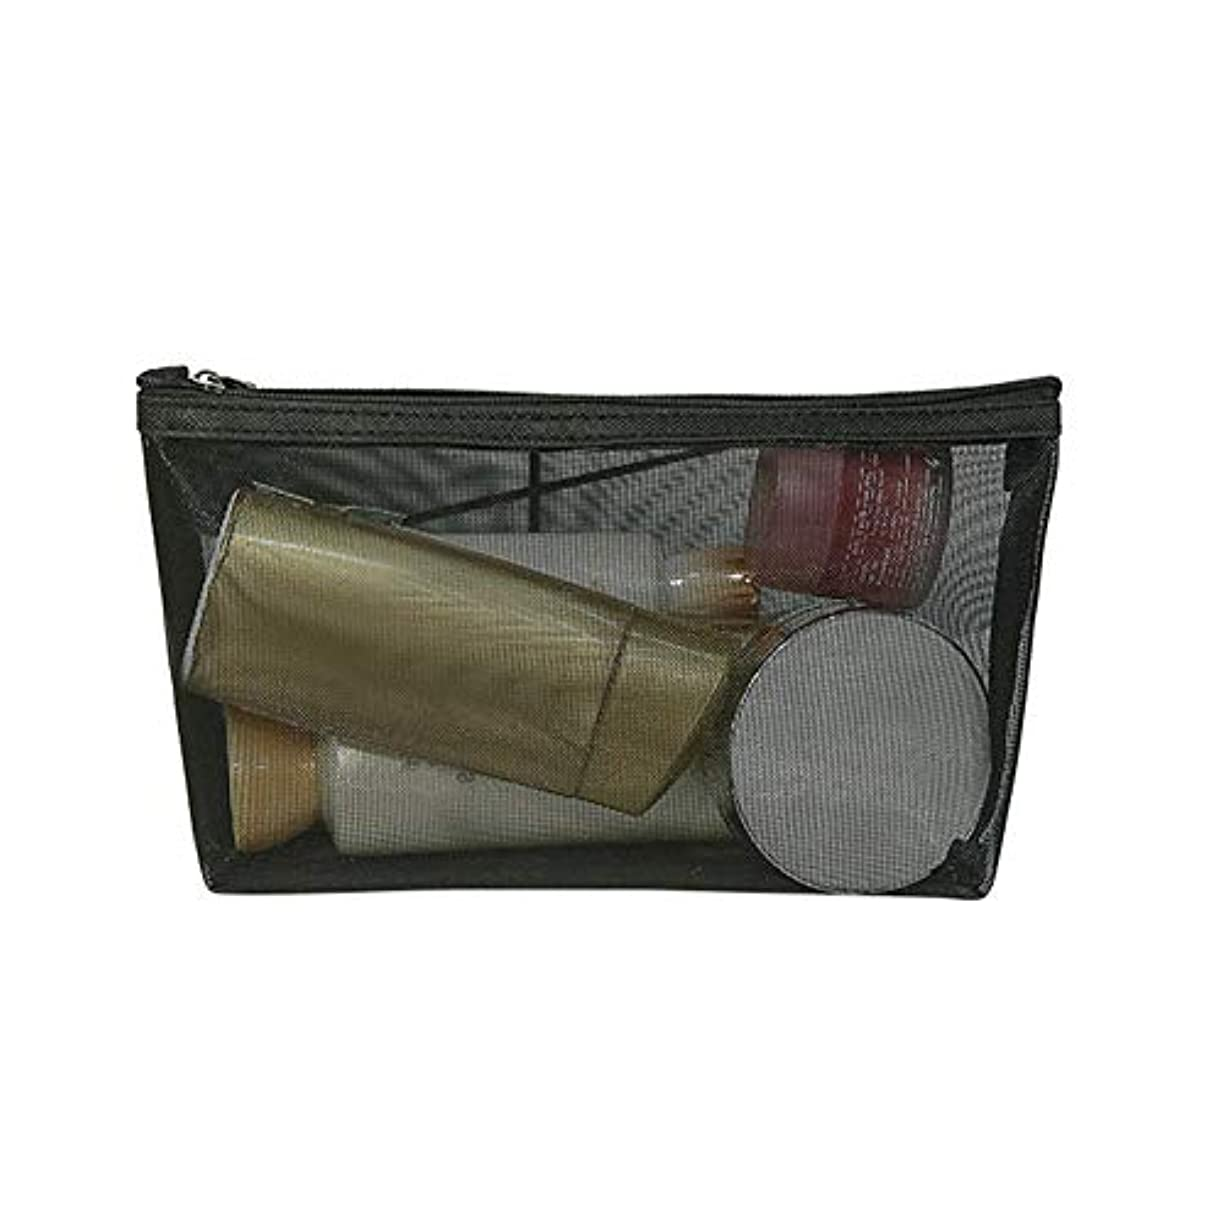 バースト伴うカウントBULemon 1ピースシンプルなストレート口化粧品袋透明メッシュ化粧品収納袋化粧品袋透明ジッパー収納袋旅行バッグ